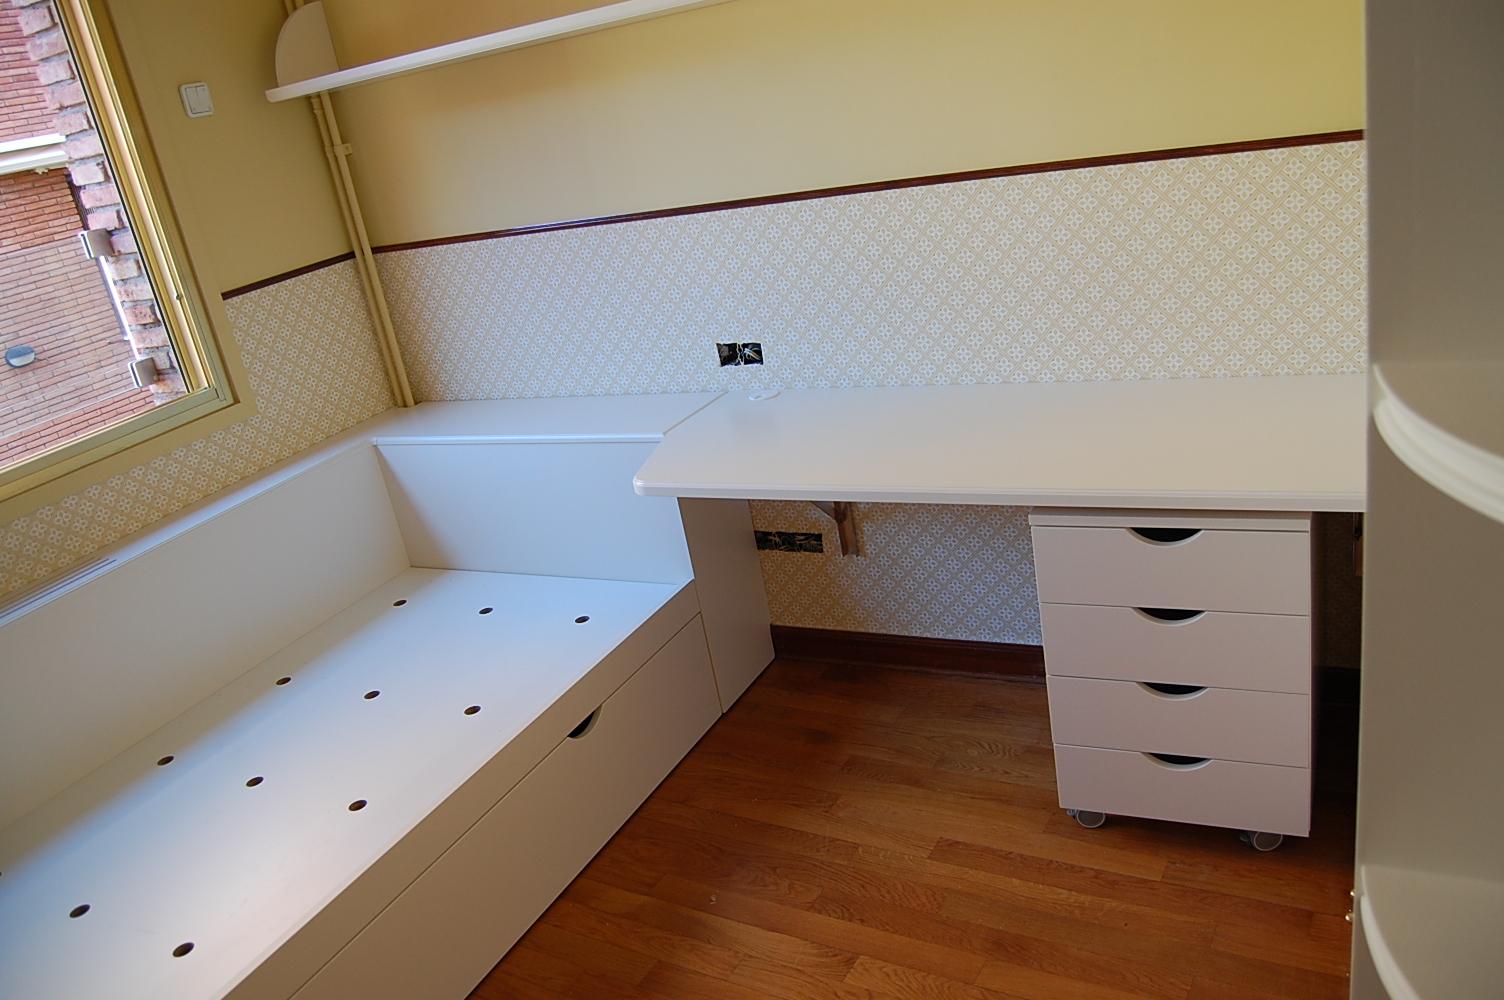 Dormitorio juvenil a medida lacado color satinado compuesto por cama nido, escritorio abatible y buc con cajones.